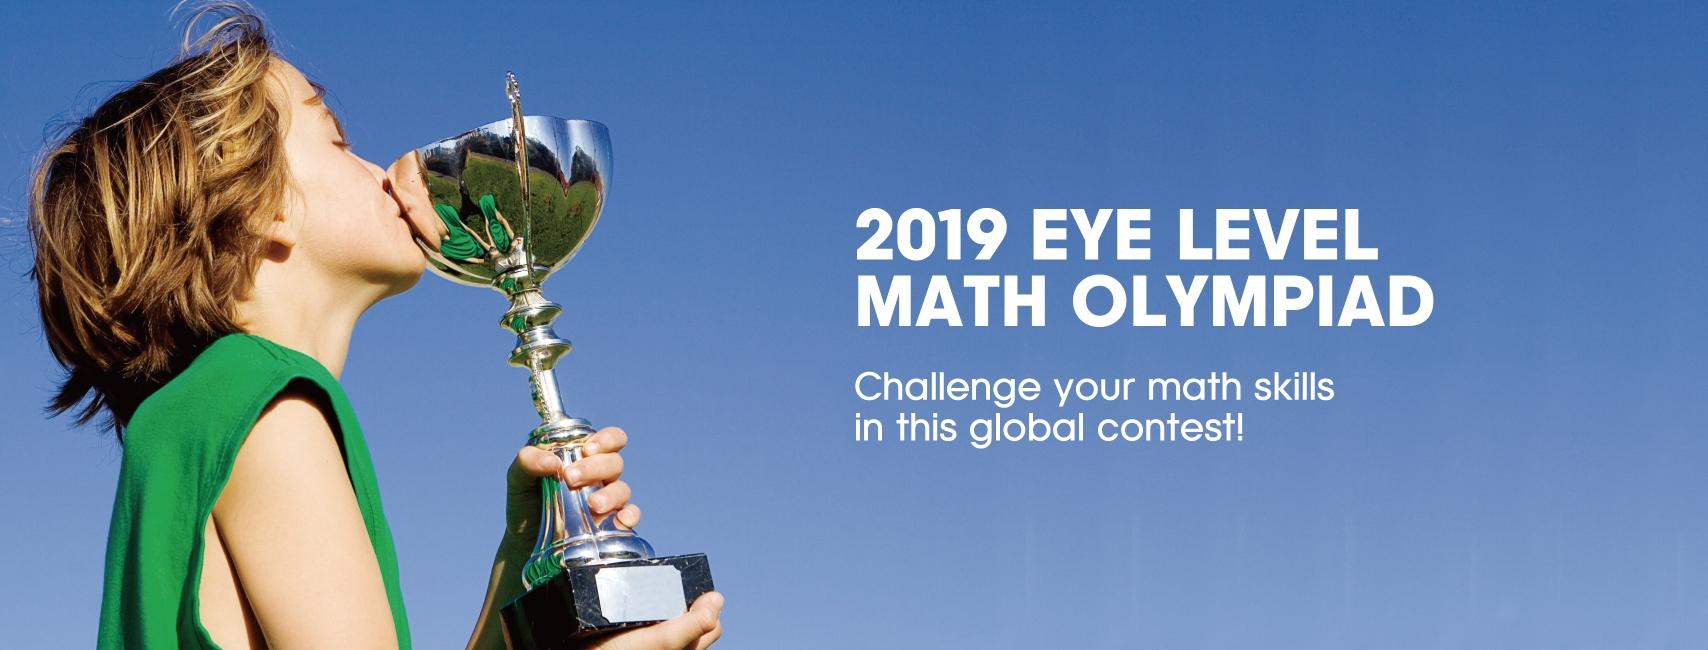 2019 MATH Olympiad